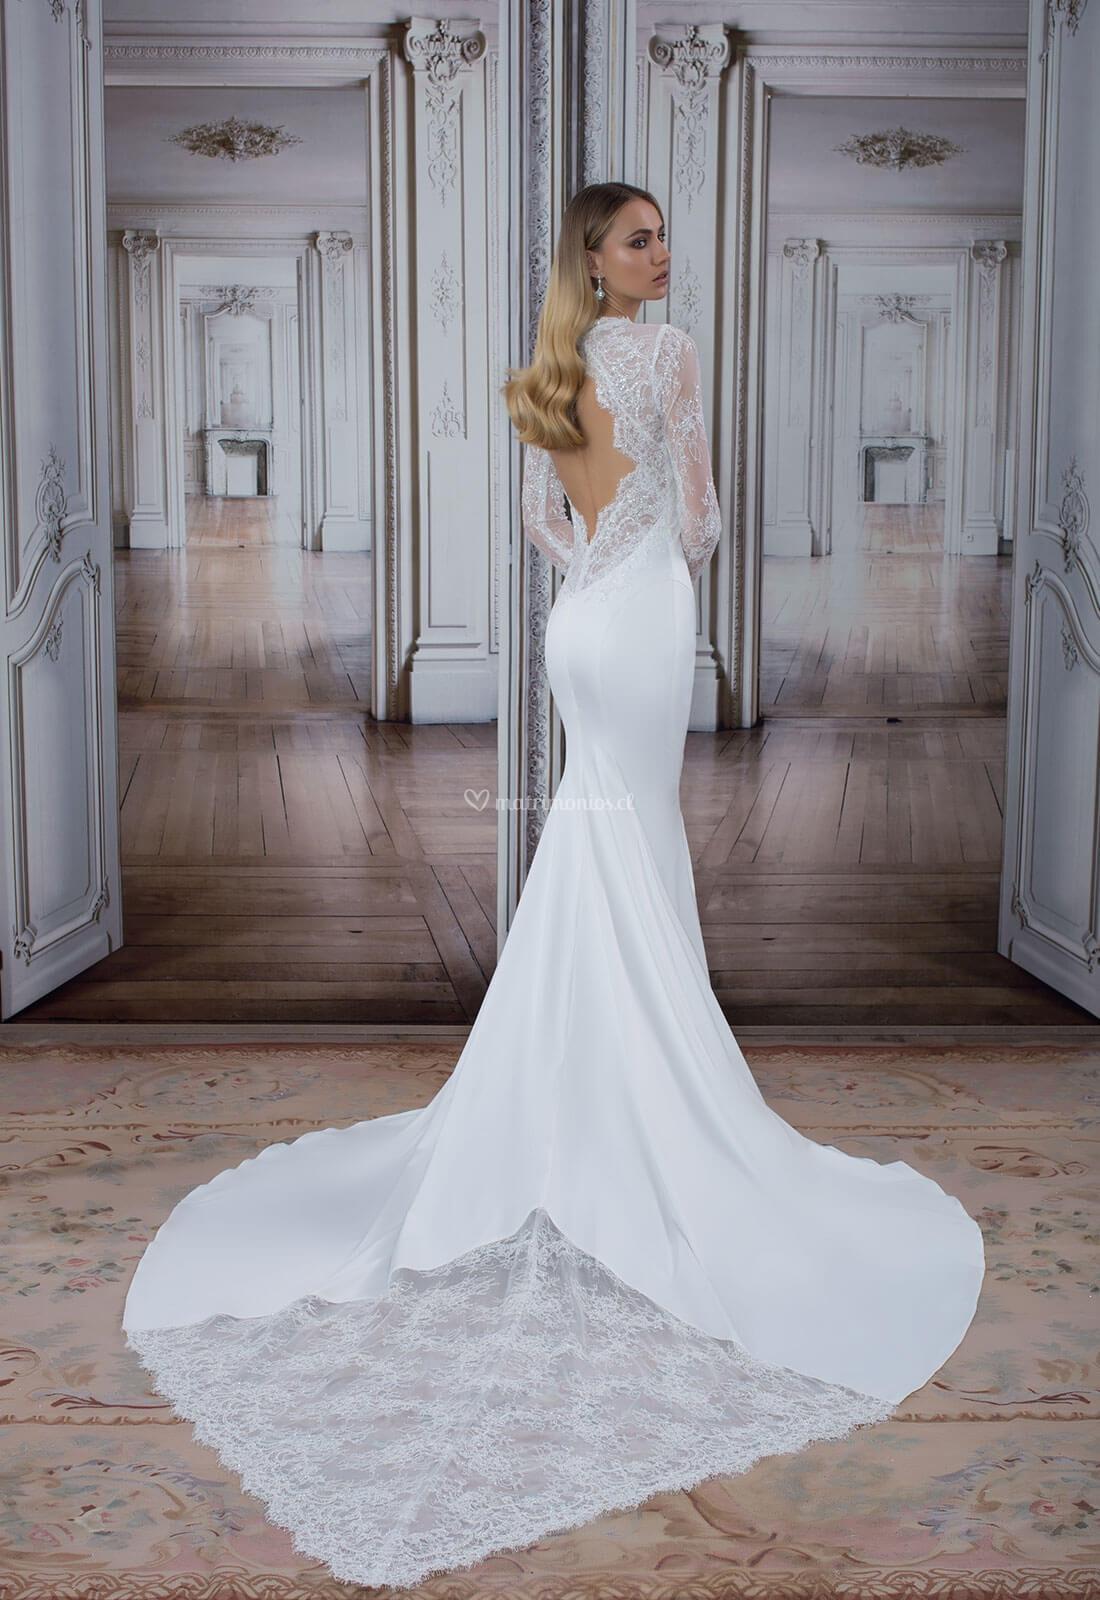 Vestidos de novia pnina tornai estilo sirena